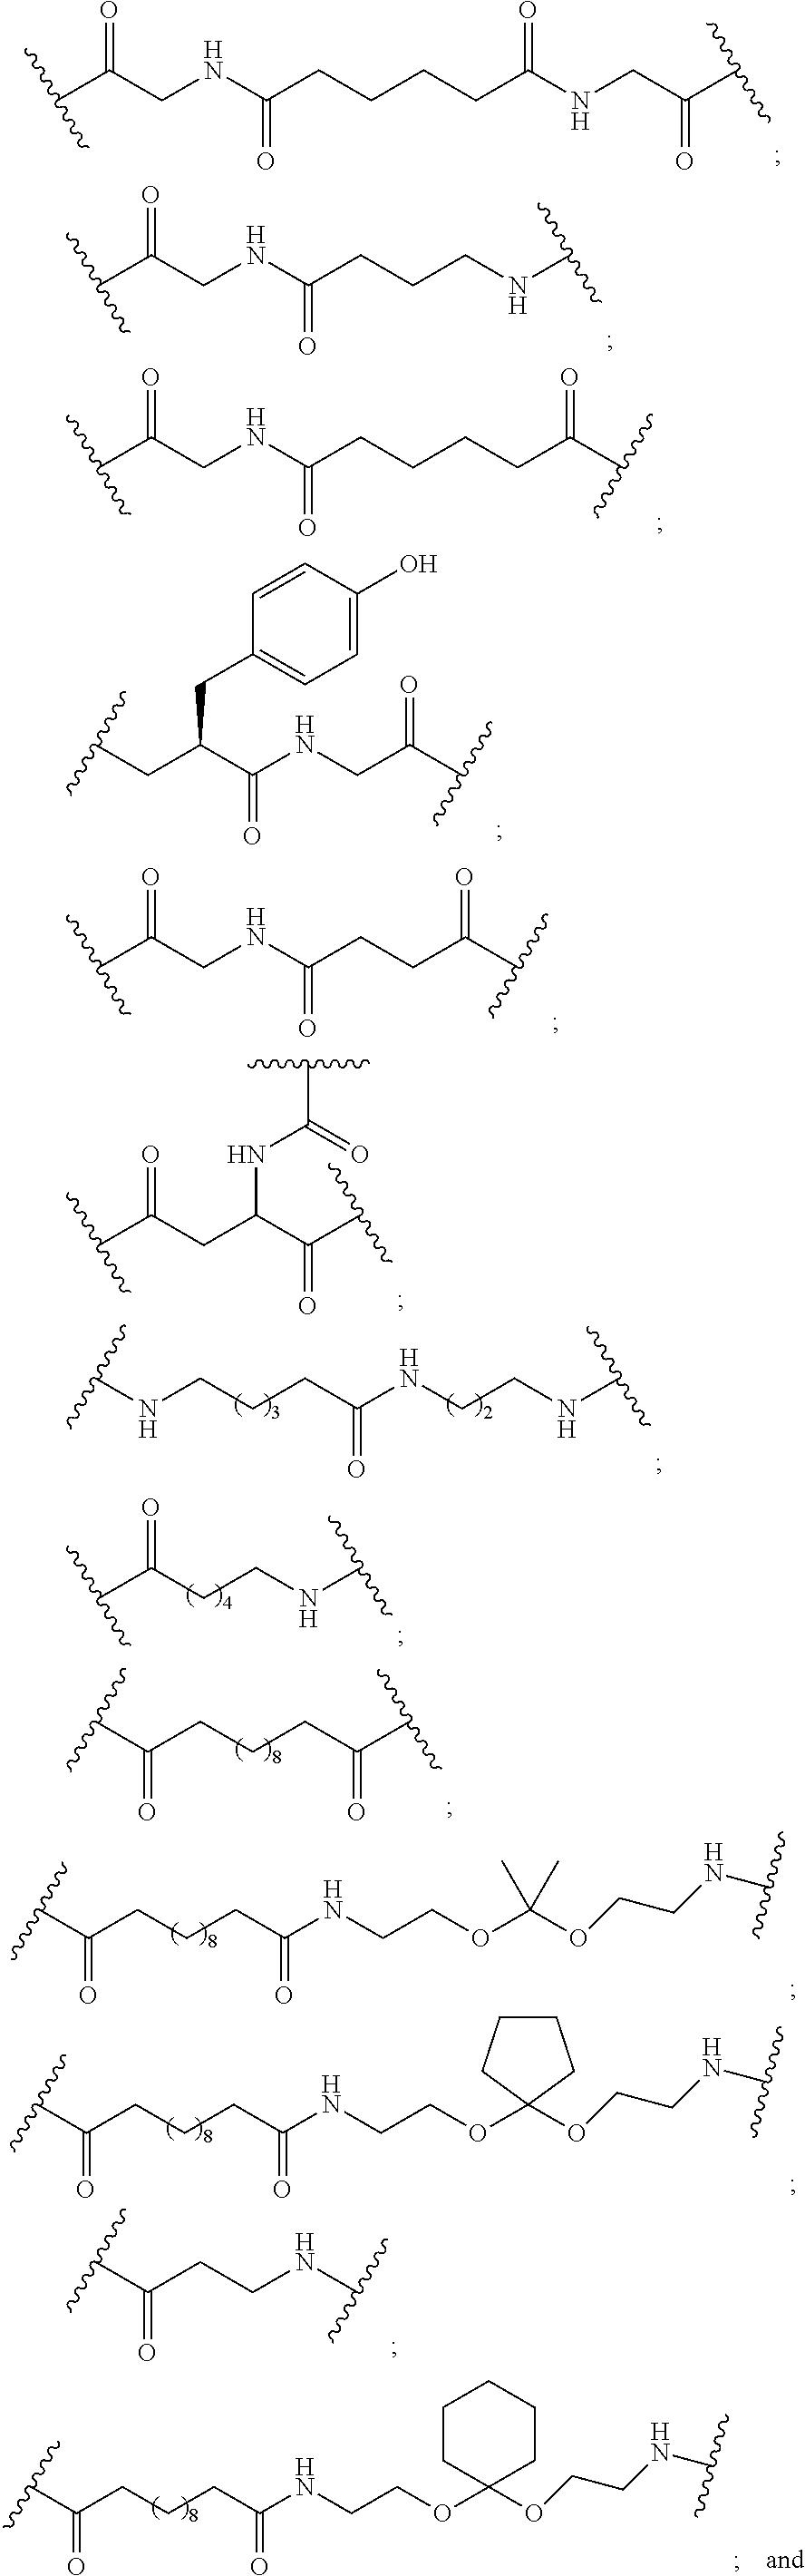 Figure US09994855-20180612-C00055